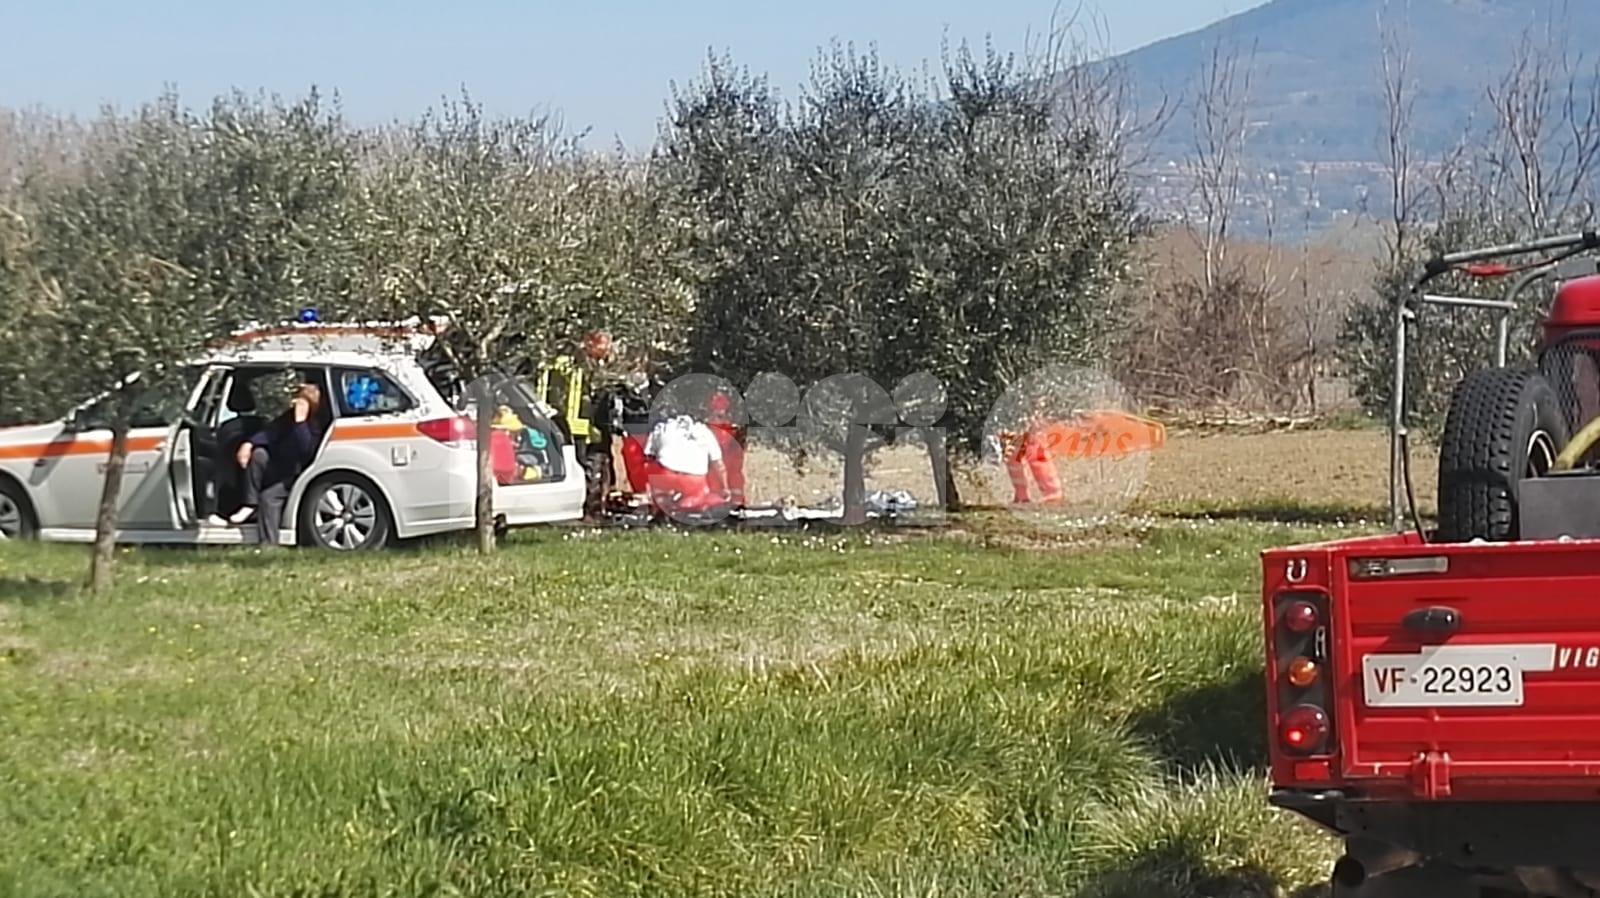 Incidente sul lavoro a Castelnuovo di Assisi, 66enne ricoverato a Perugia (foto+video)